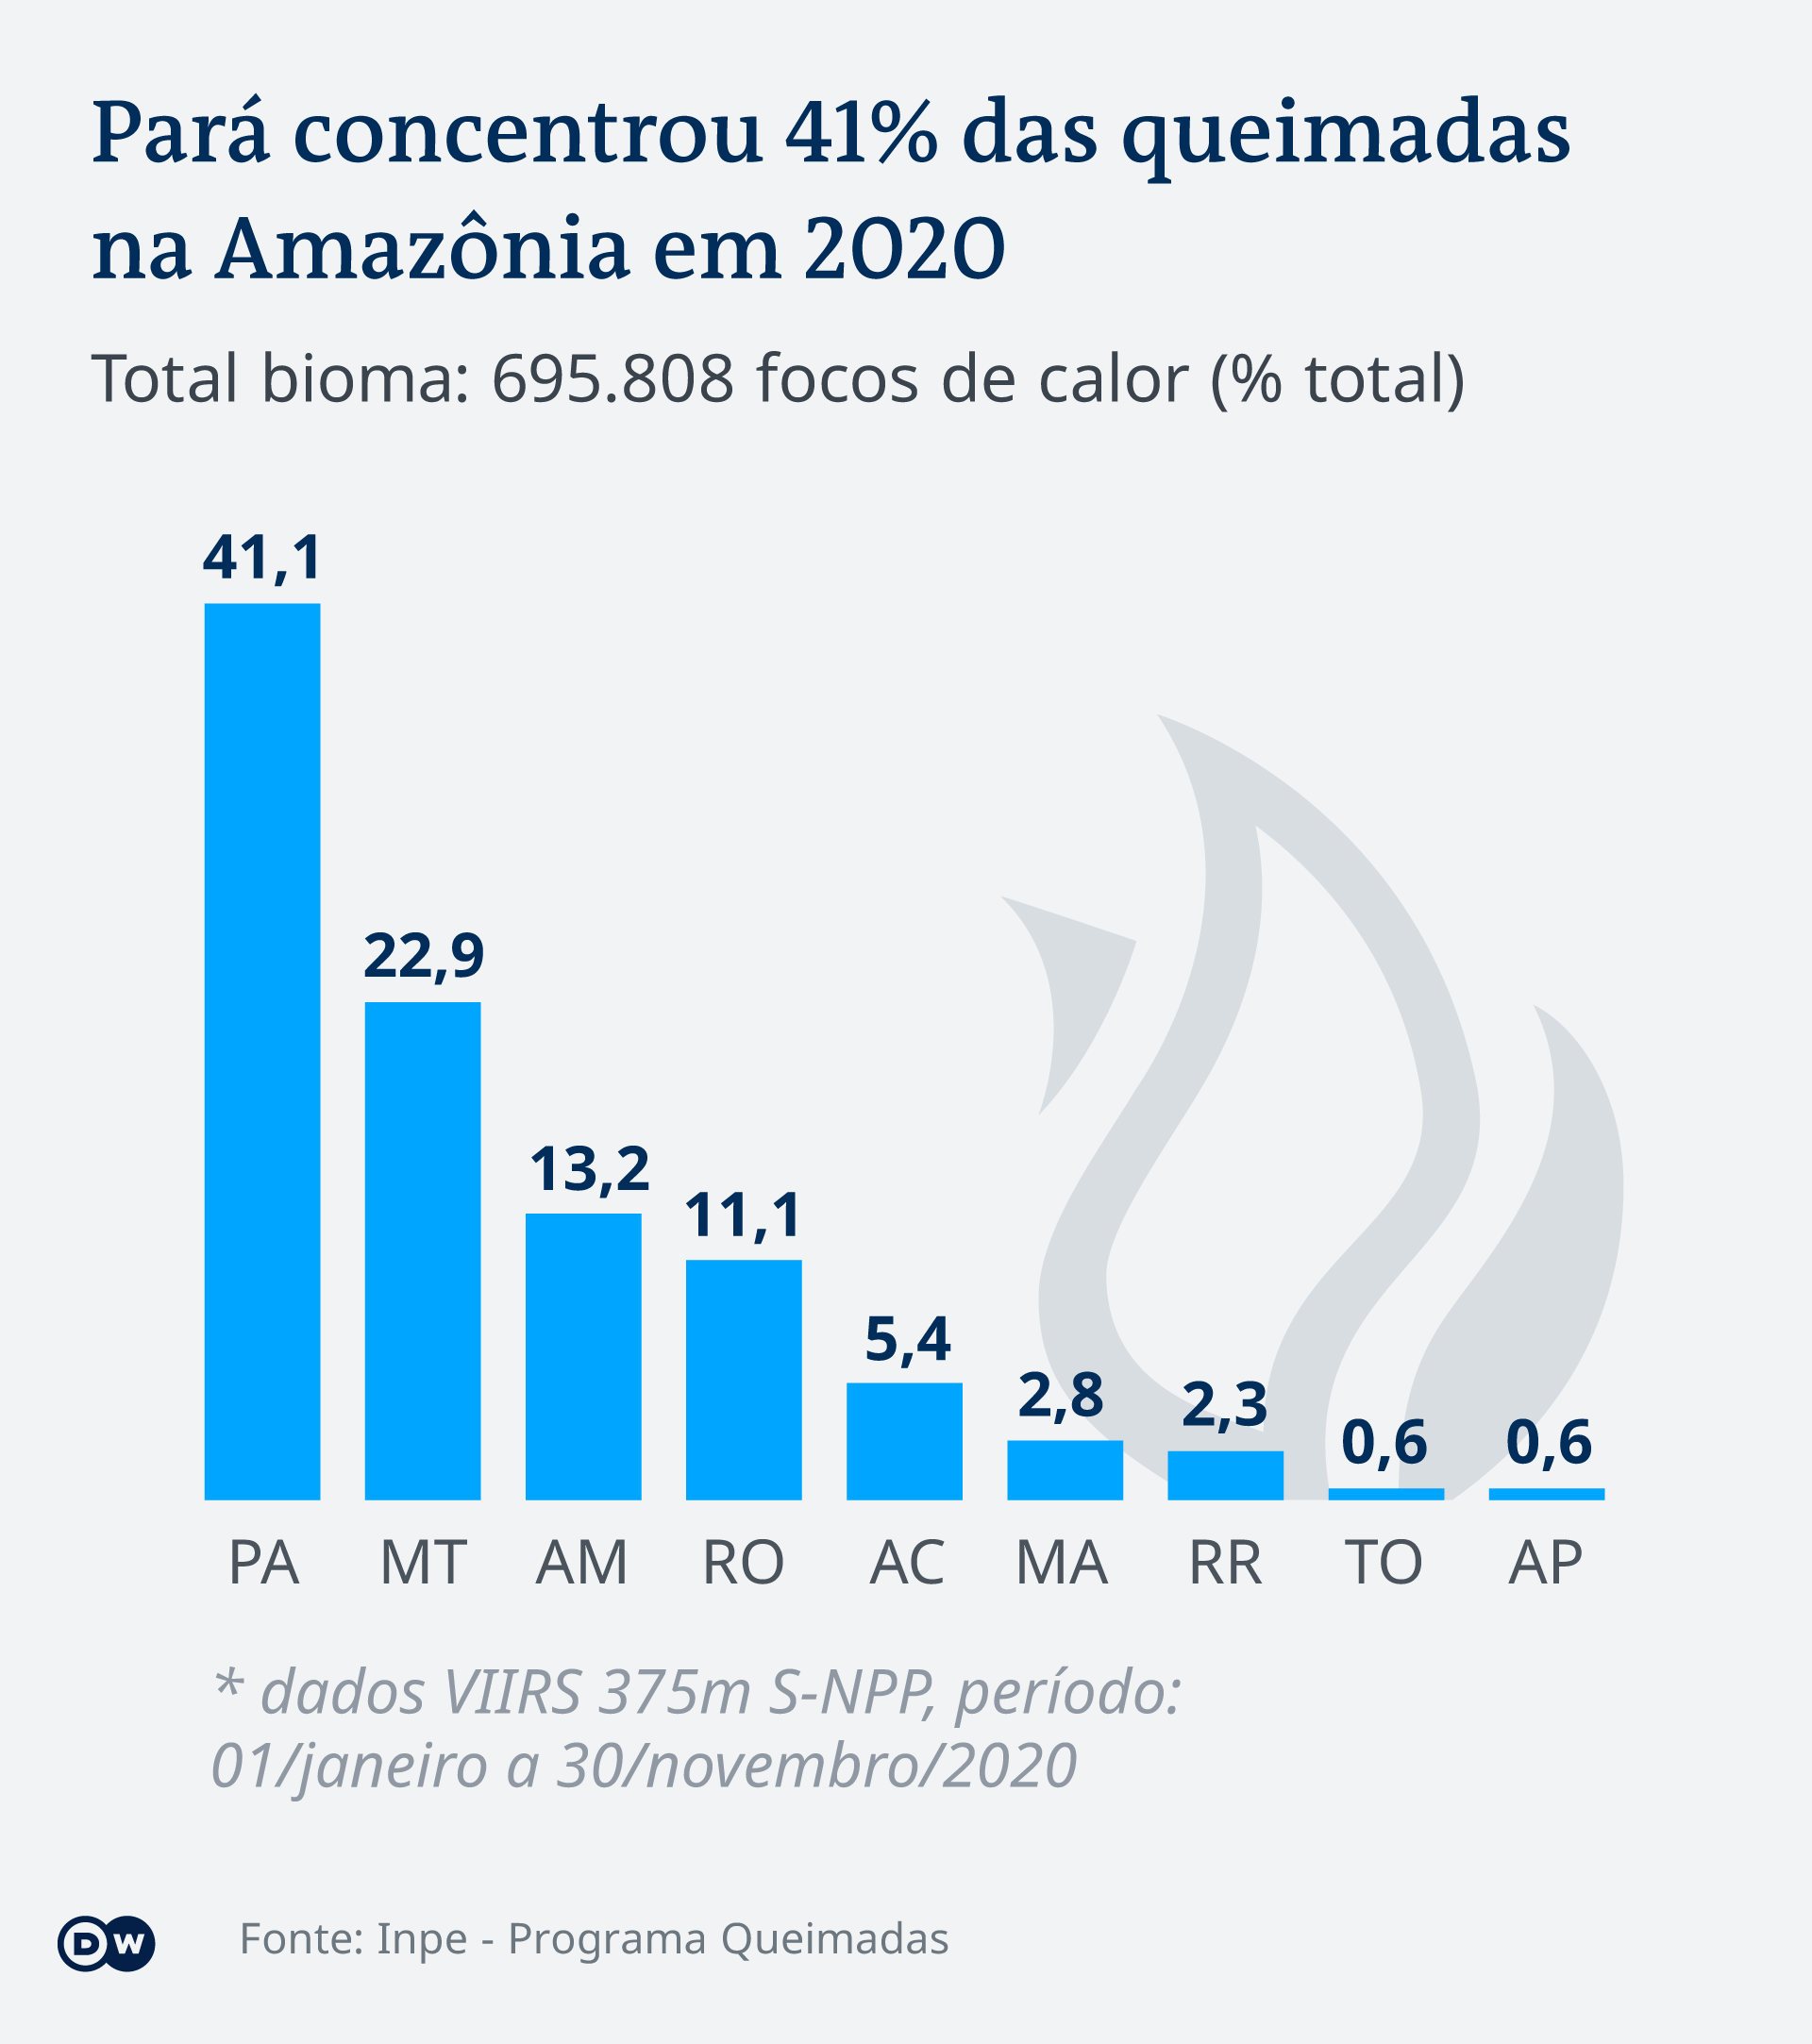 Gráfico mostra incidência de queimadas em estados da Amazônia